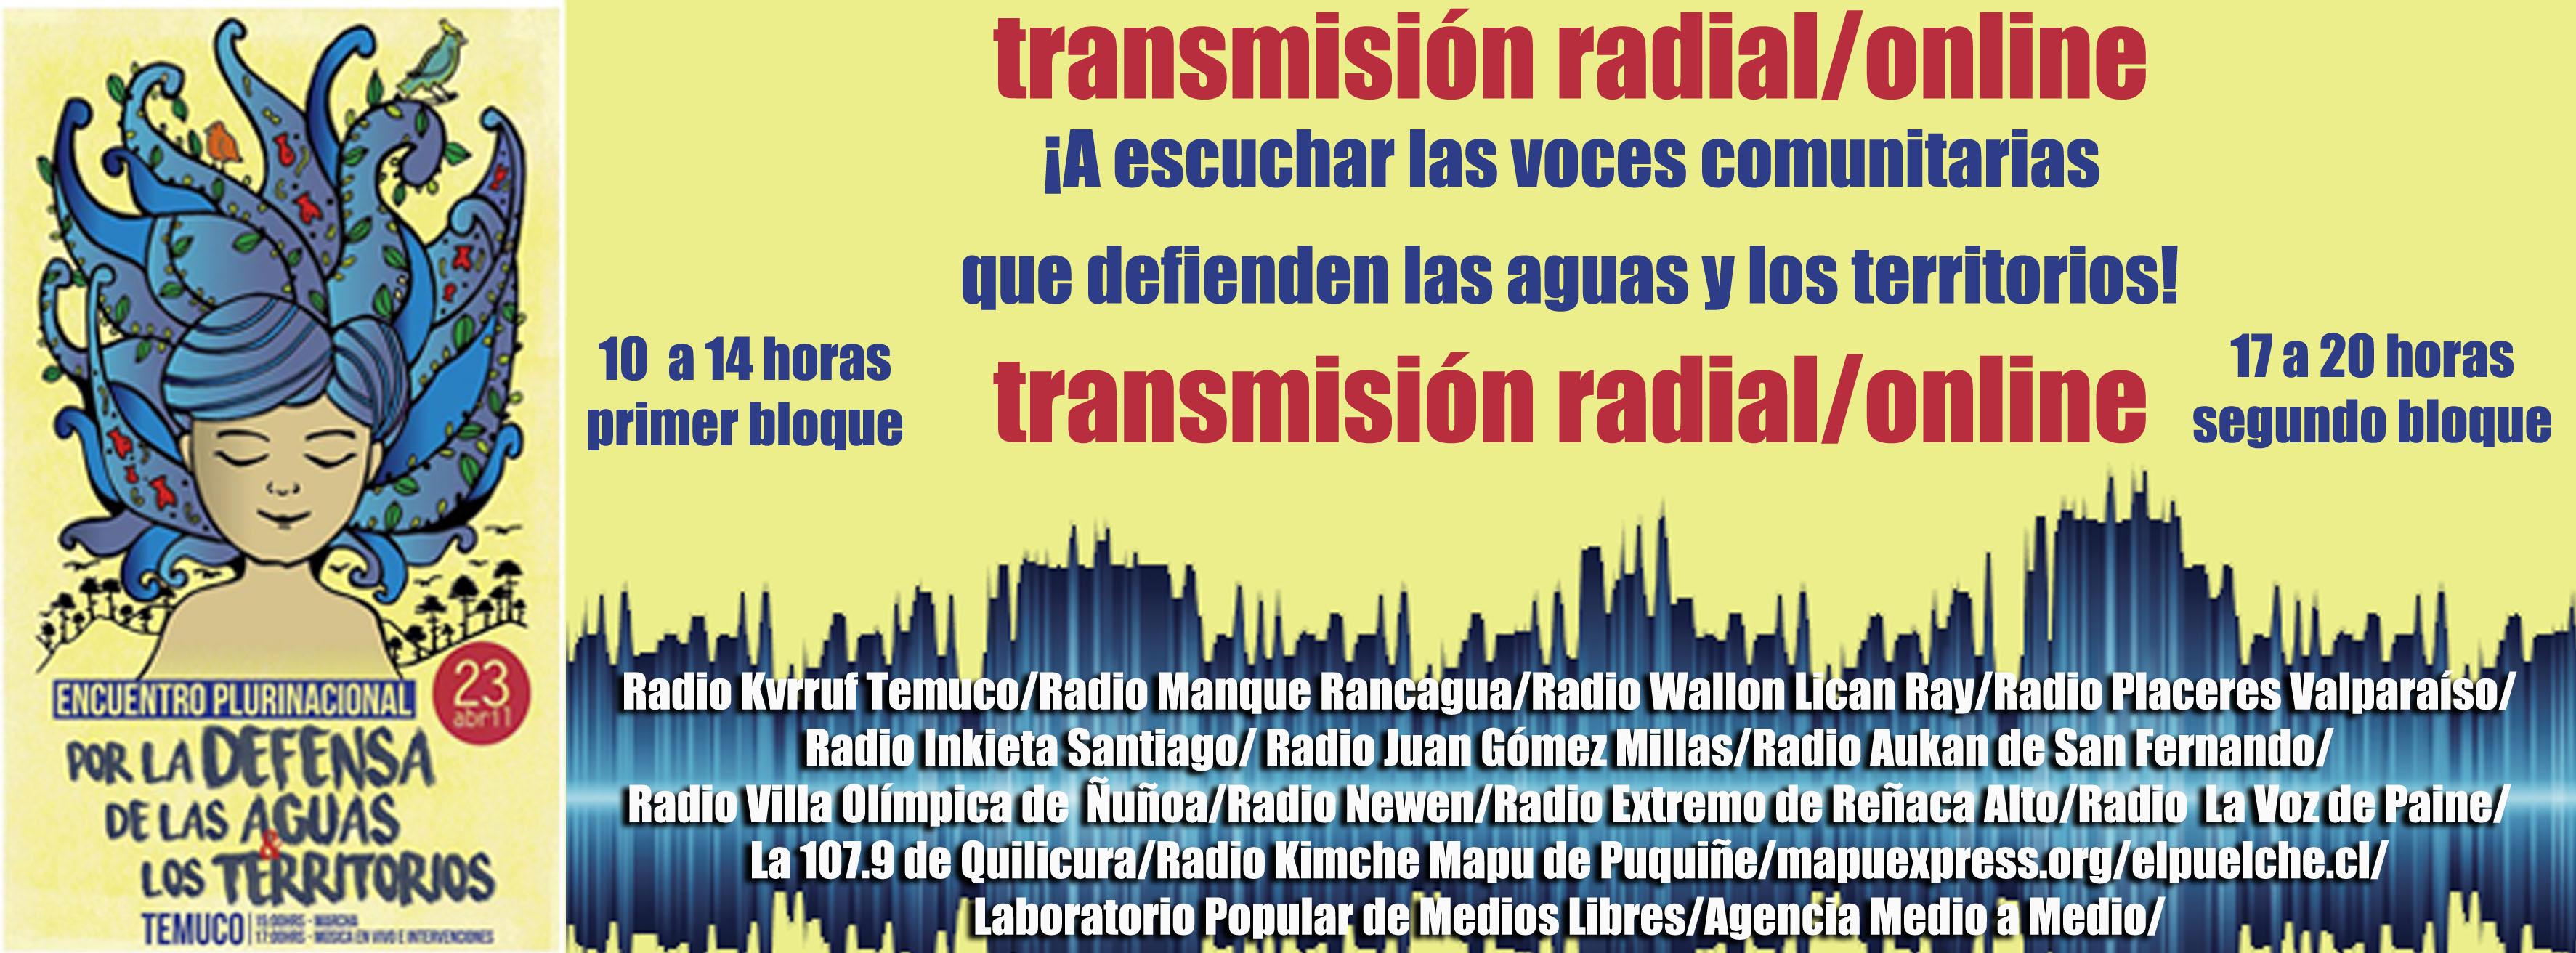 transmisiónradial